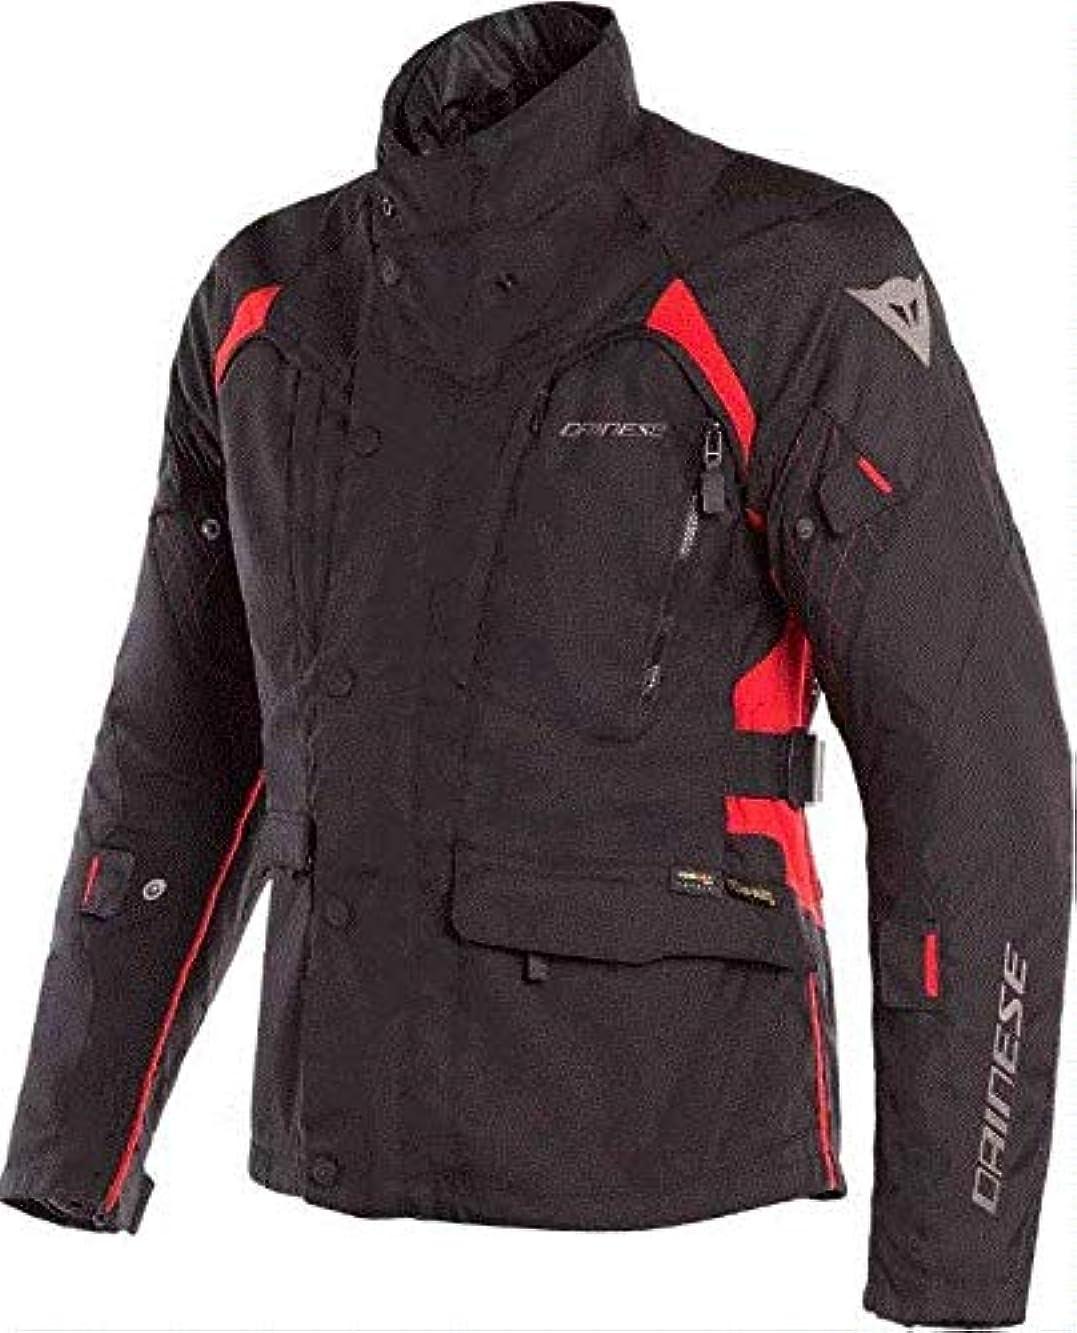 混乱させるパラダイス住むDainese ダイネーゼ X-Tourer D-Dry Motorcycle Textile Jacket 2019モデル ライディングジャケット ブラック/レッド EU60